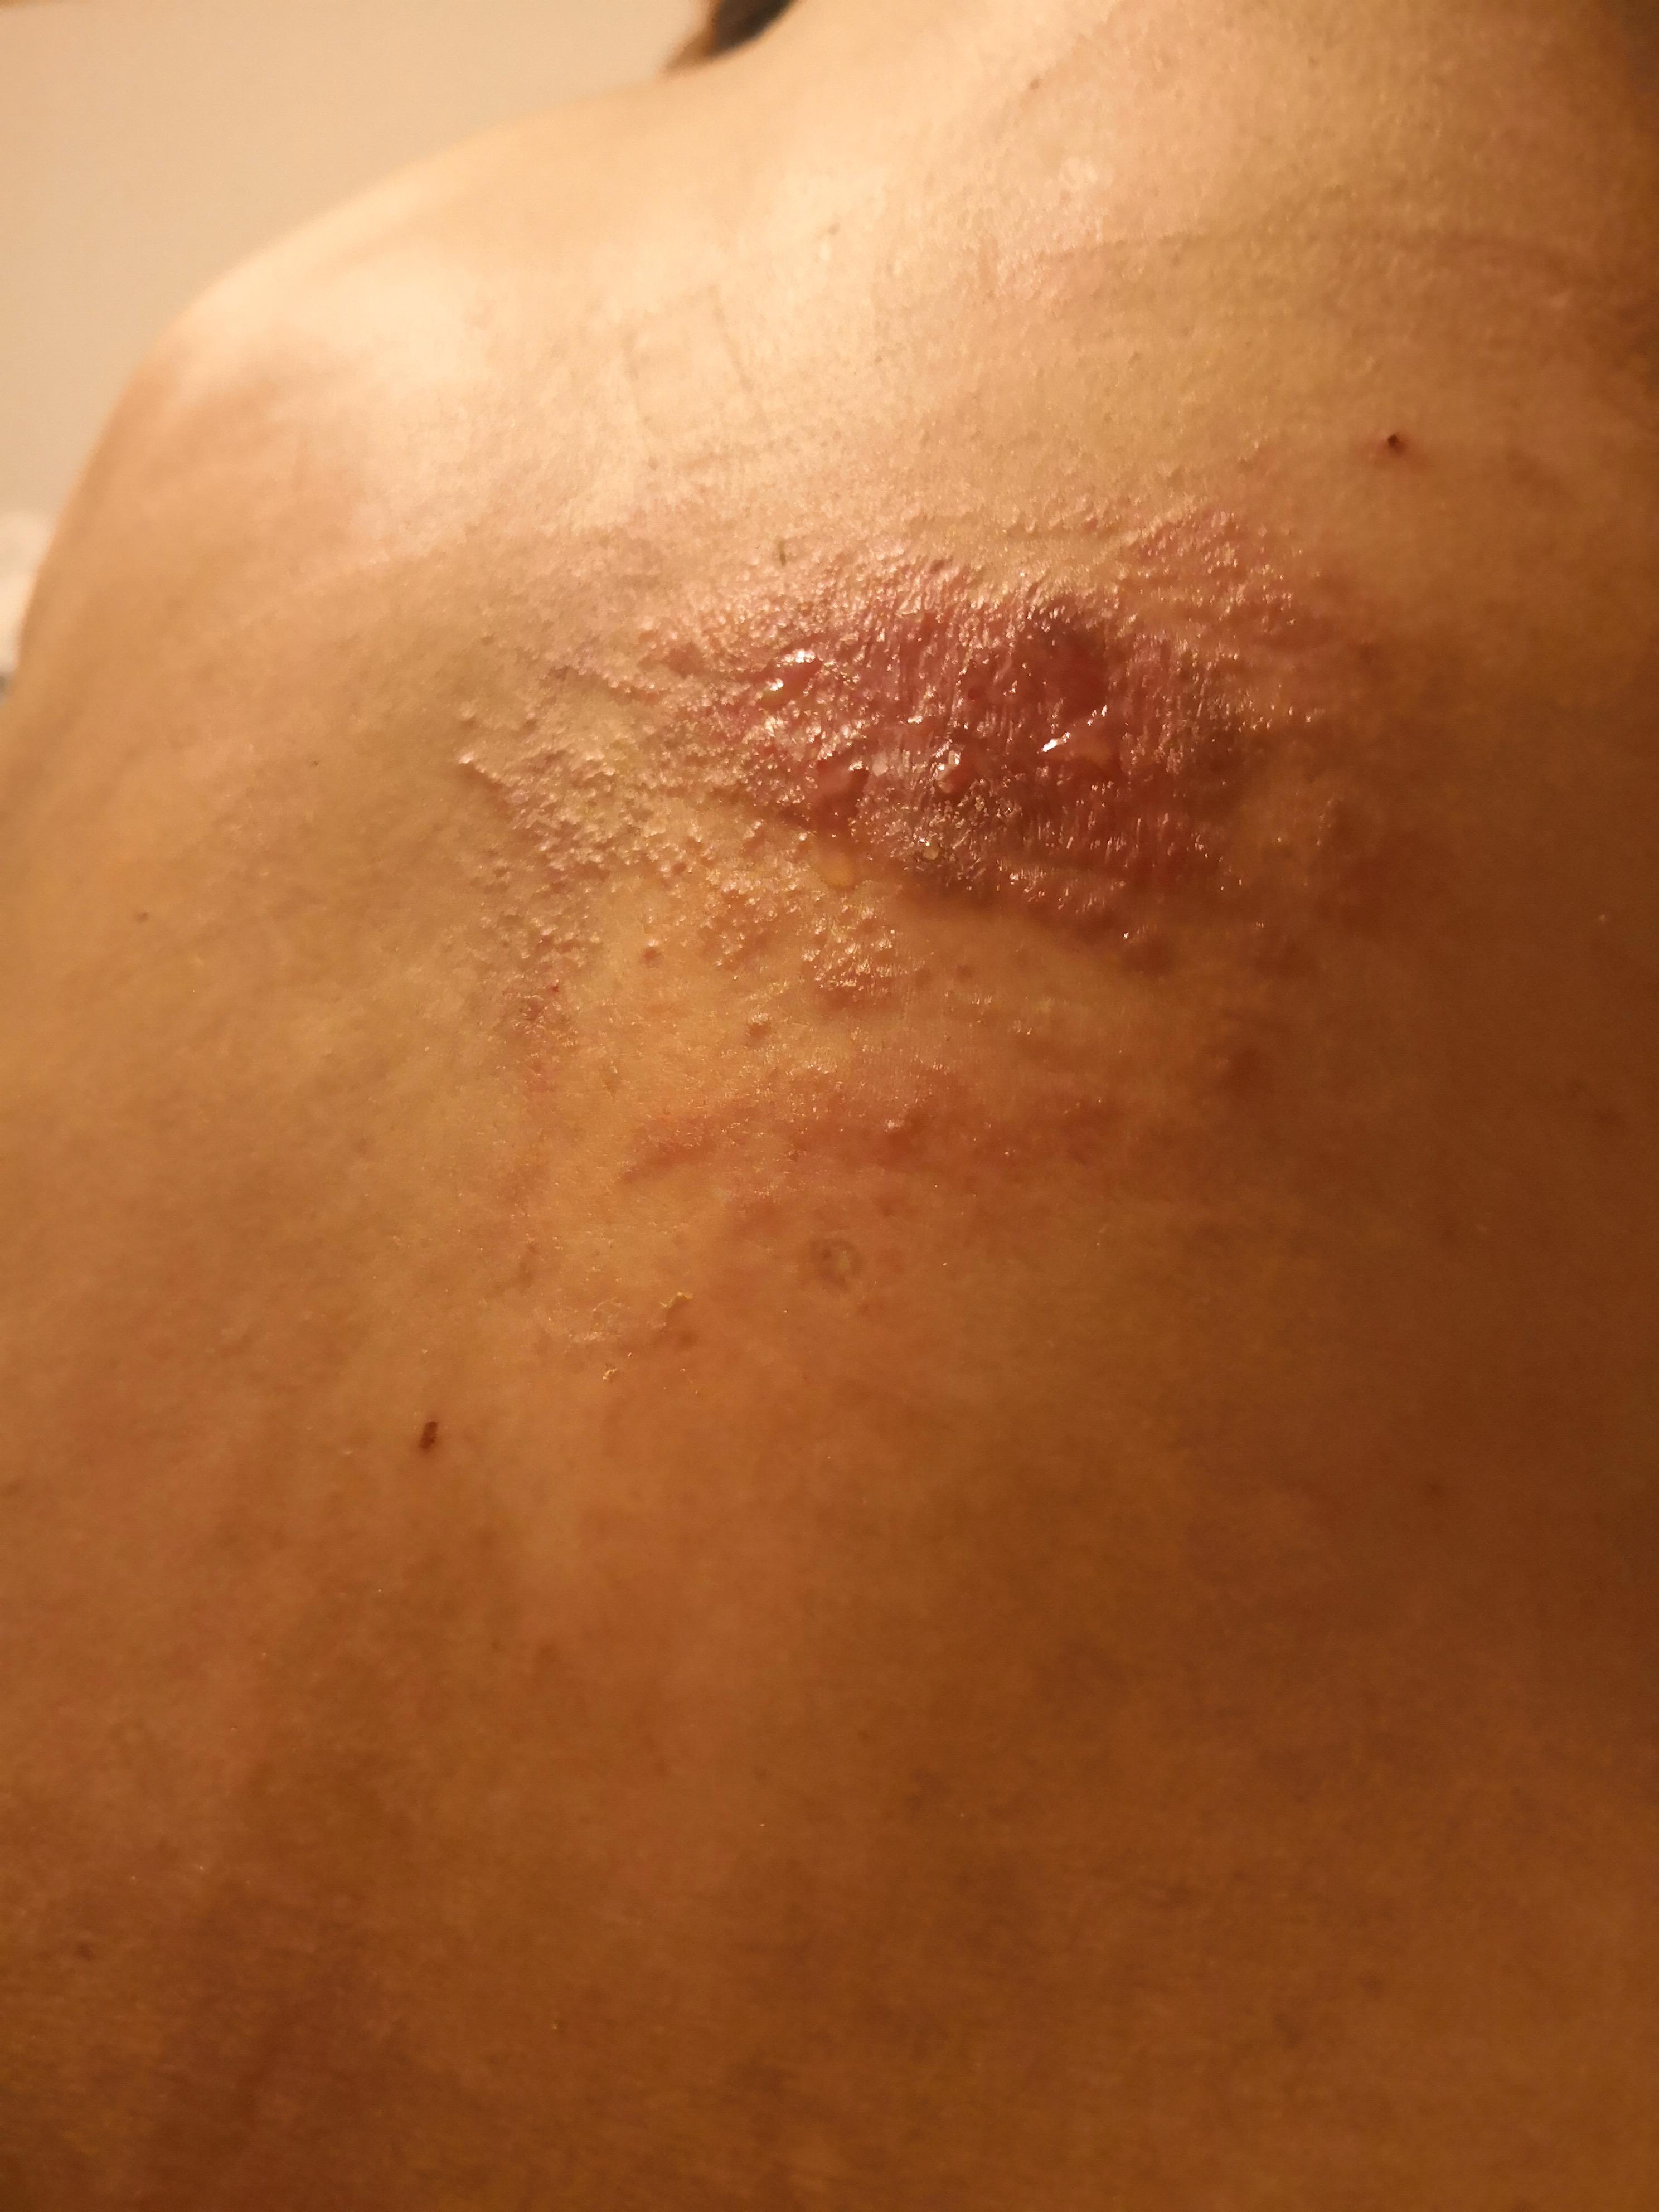 7月15日被卷发棒烫伤背部,面积约半个手掌大,创面发白图片